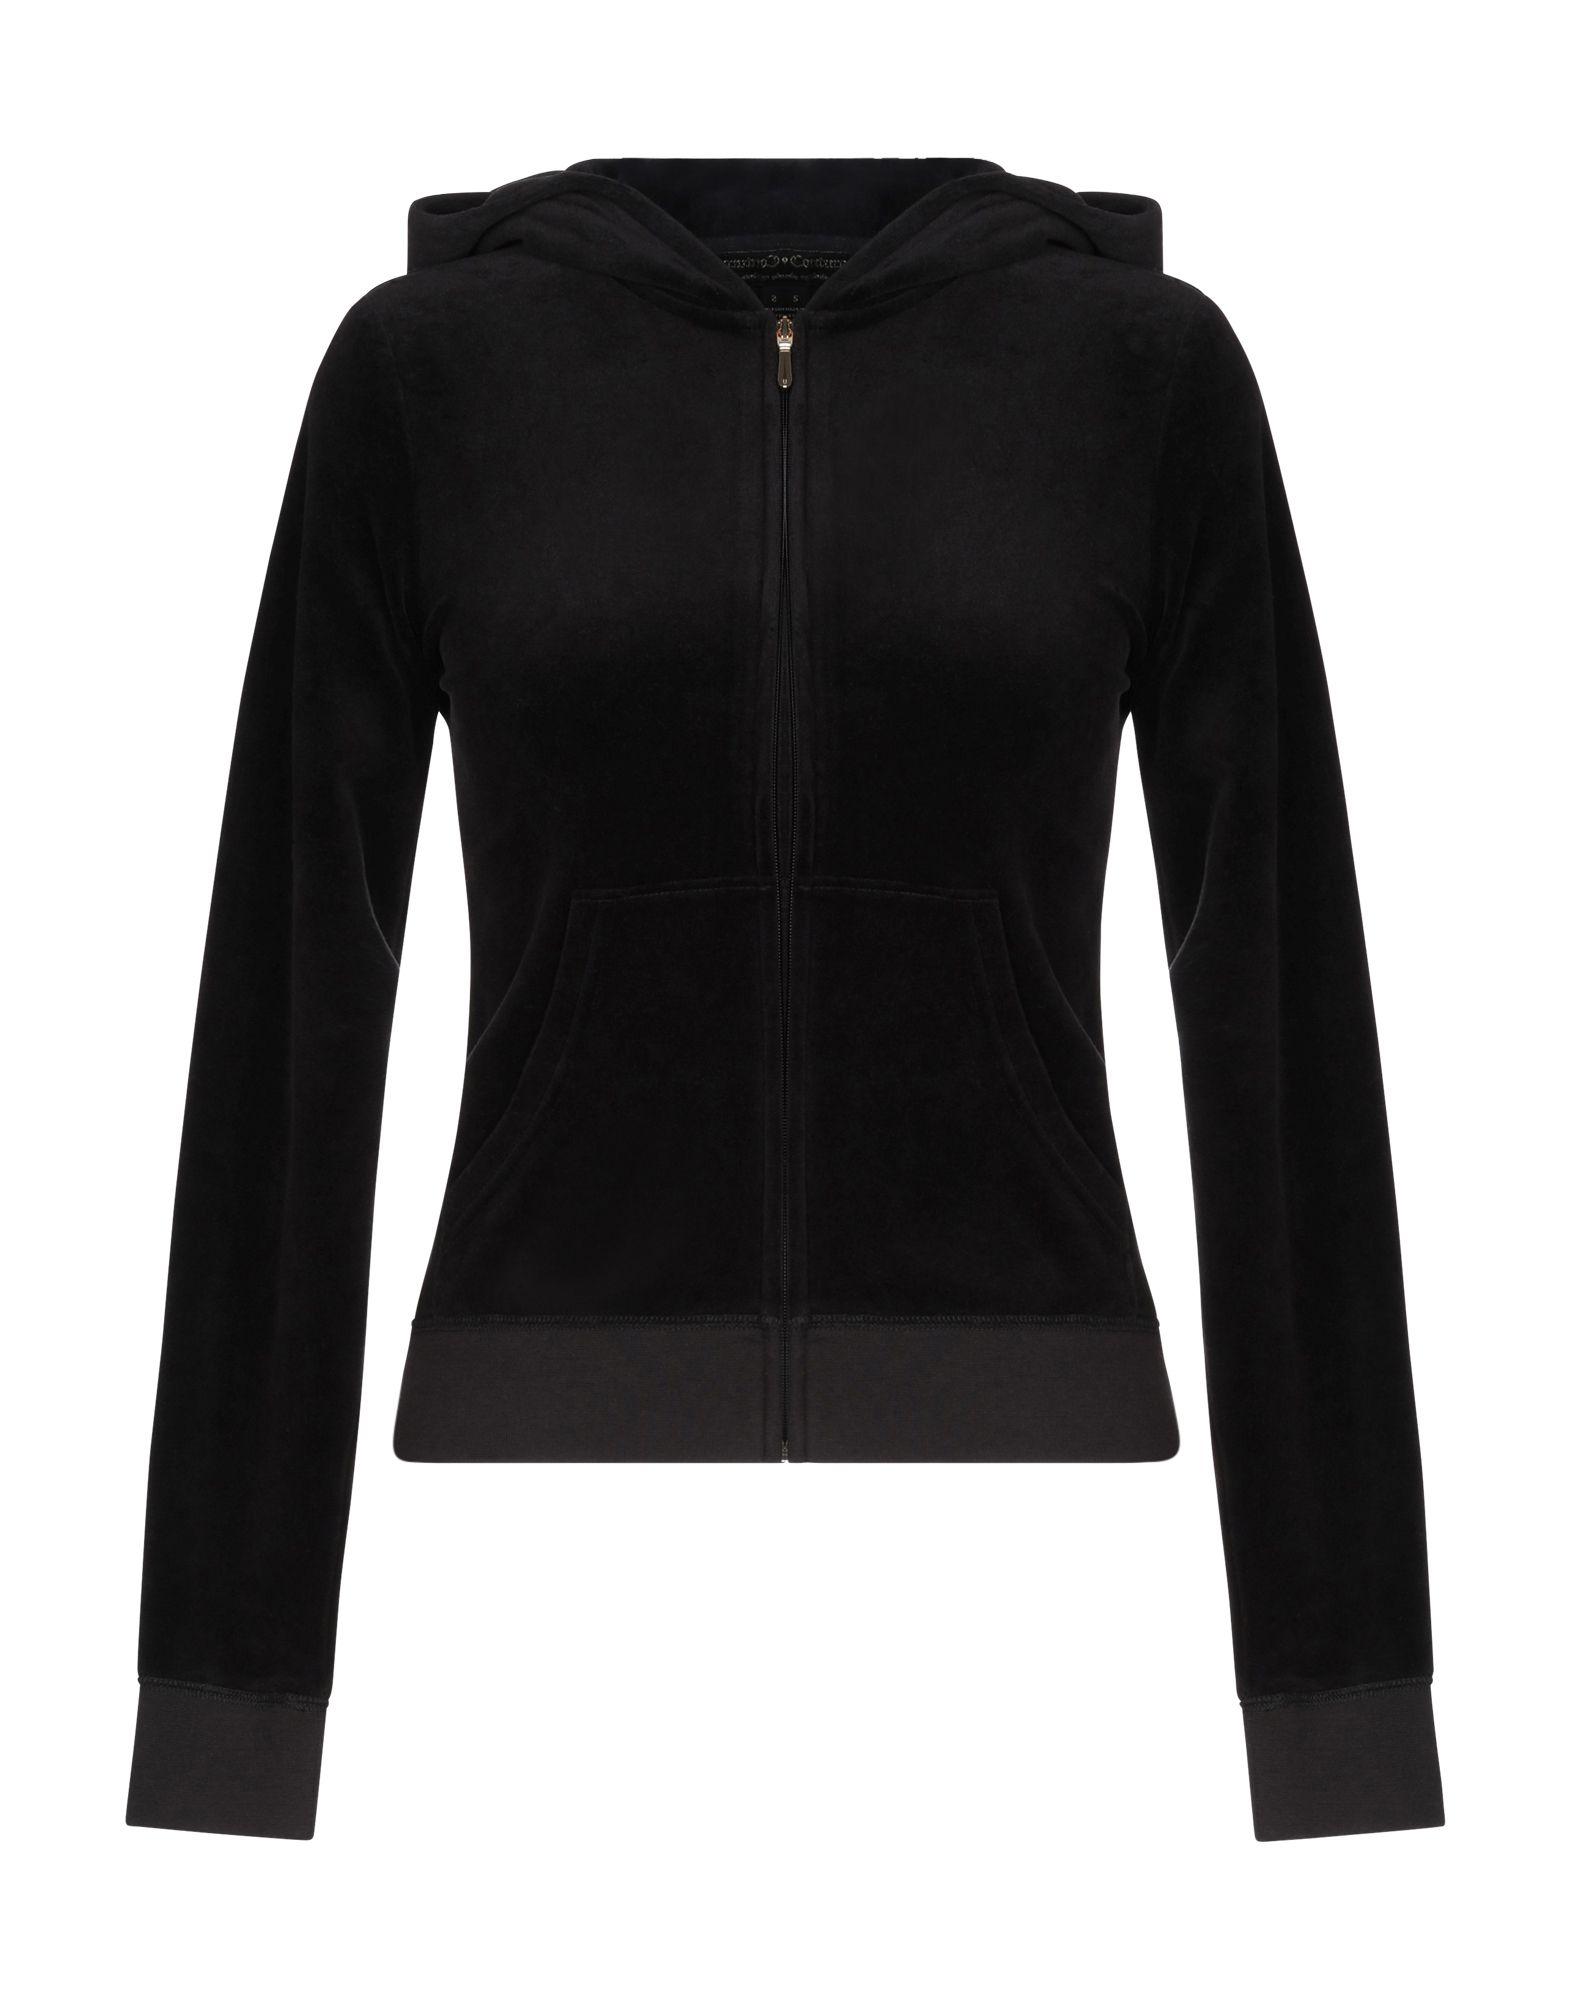 《期間限定セール中》JUICY COUTURE レディース スウェットシャツ ブラック XS コットン 78% / ポリエステル 22%